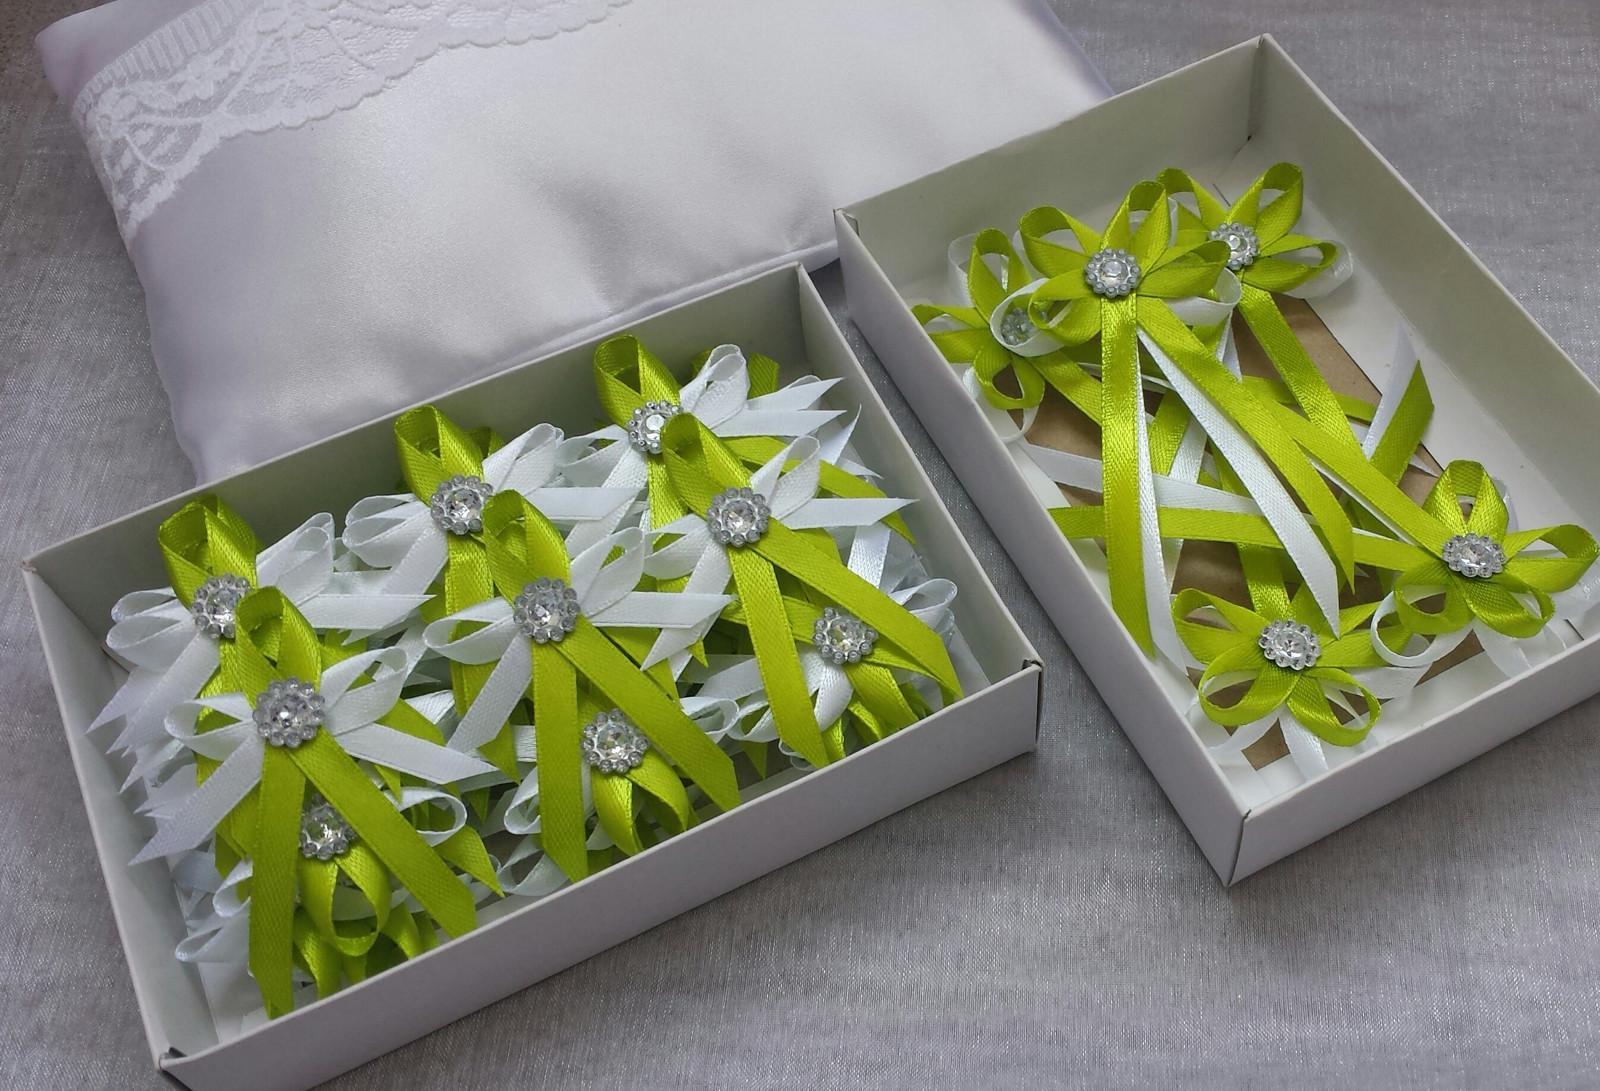 Vývazky jablíčková a bílá - Obrázek č. 1